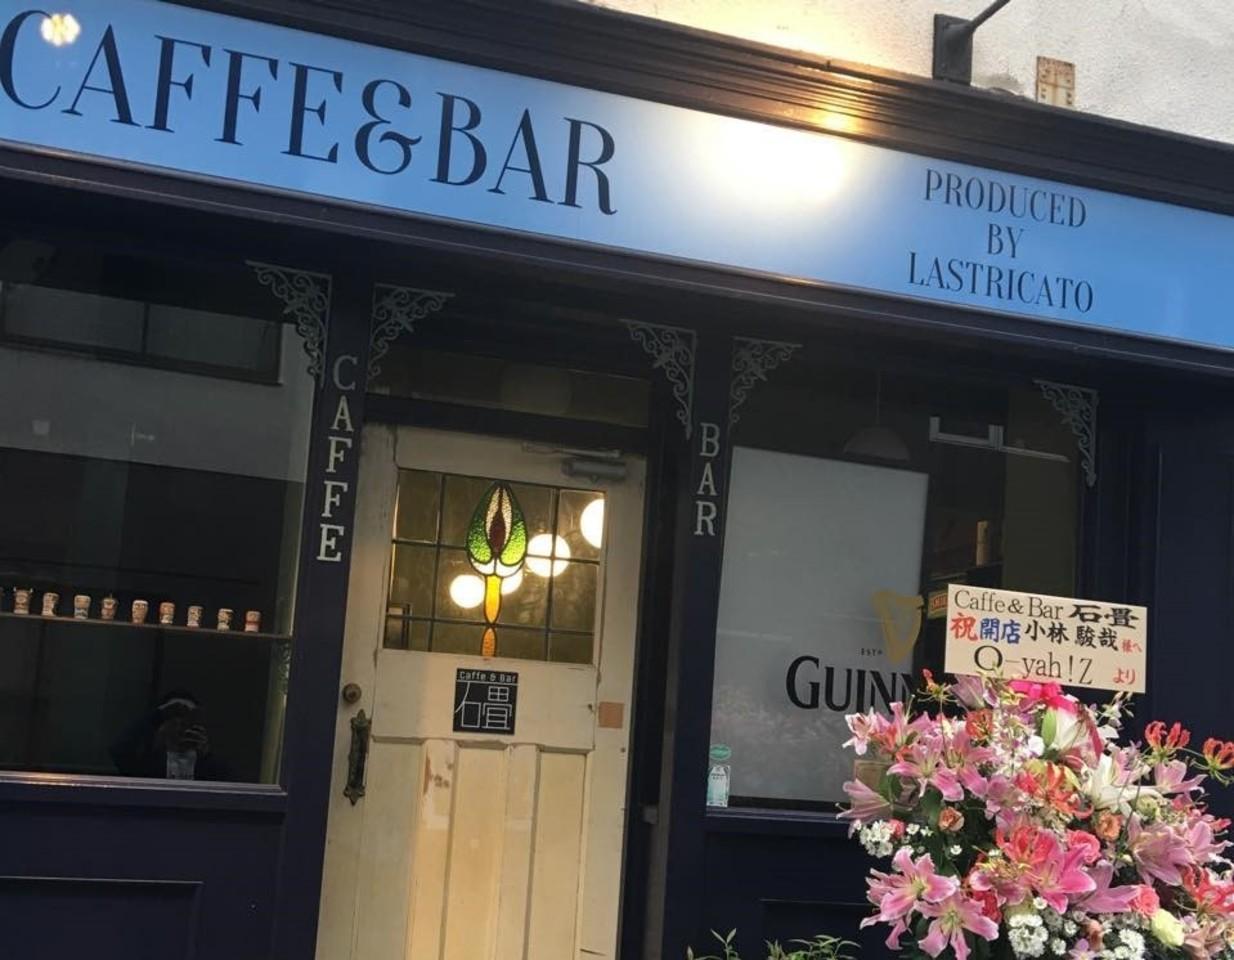 アットホームなカフェ&バール...東京都文京区関口1丁目の「石畳」